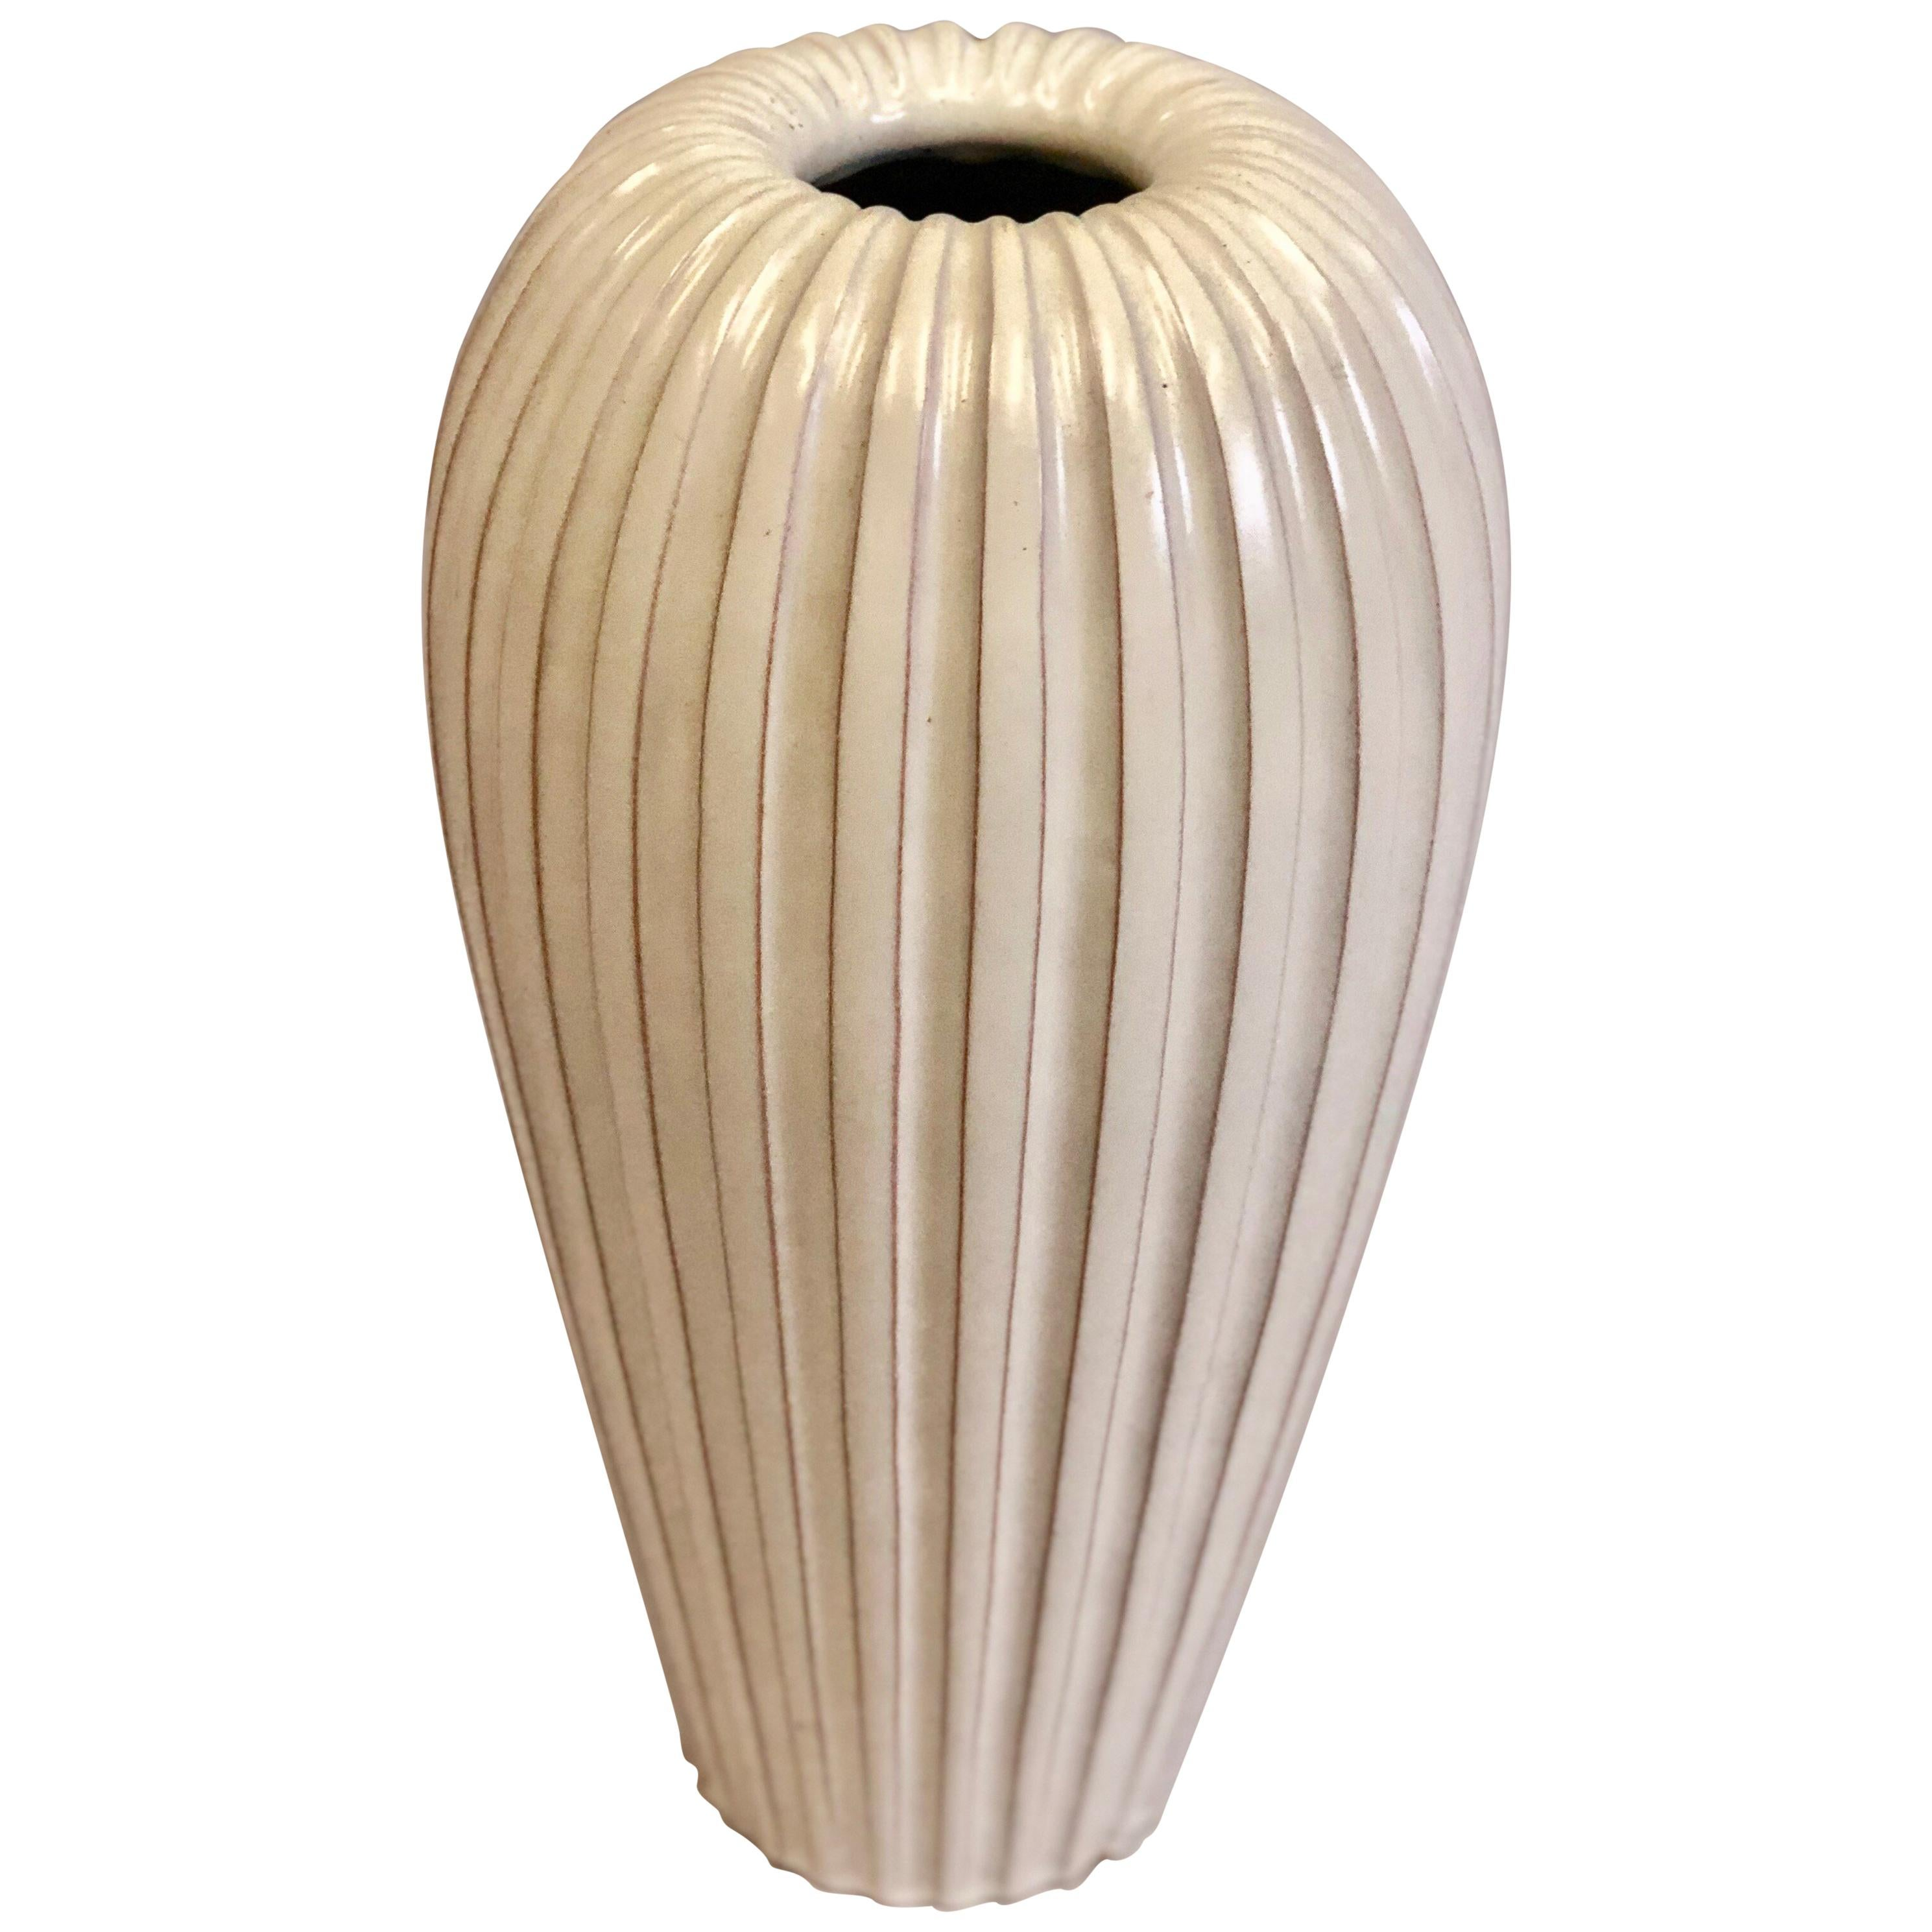 Large Swedish Ceramic Vase / Table Lamp Base by Vicke Lindstrand & Upsala Ekeby